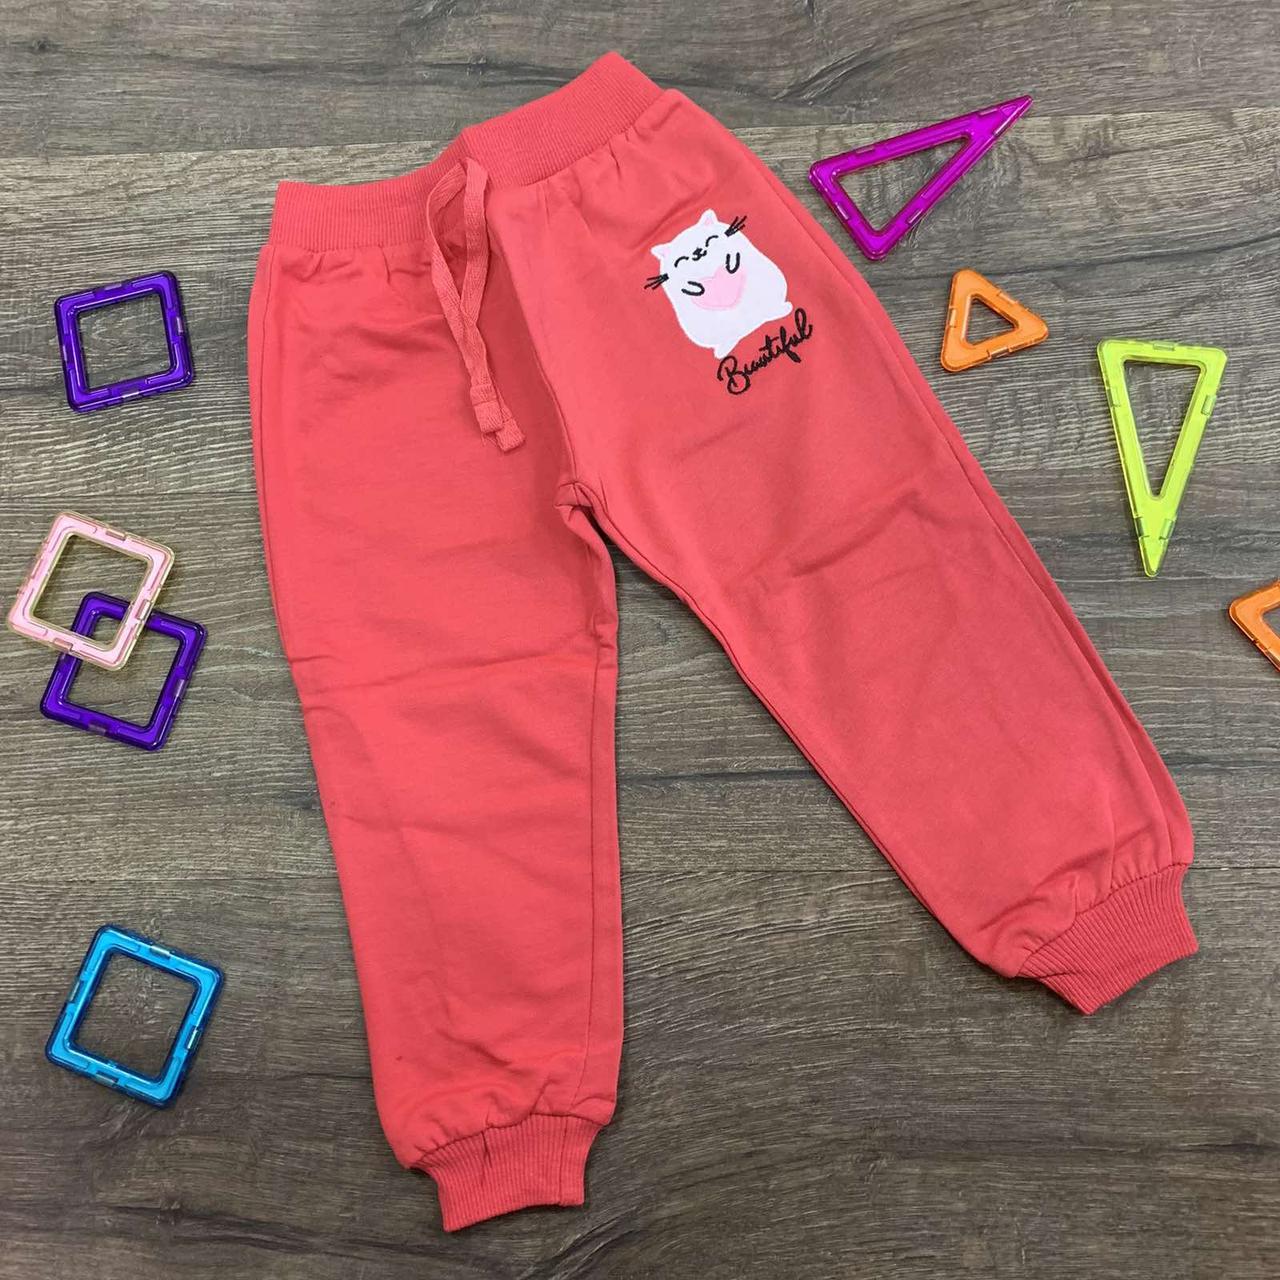 """Спортивные штаны детские #6836 """"Beautyful"""" 1-4 года. Коралловые. Оптом"""